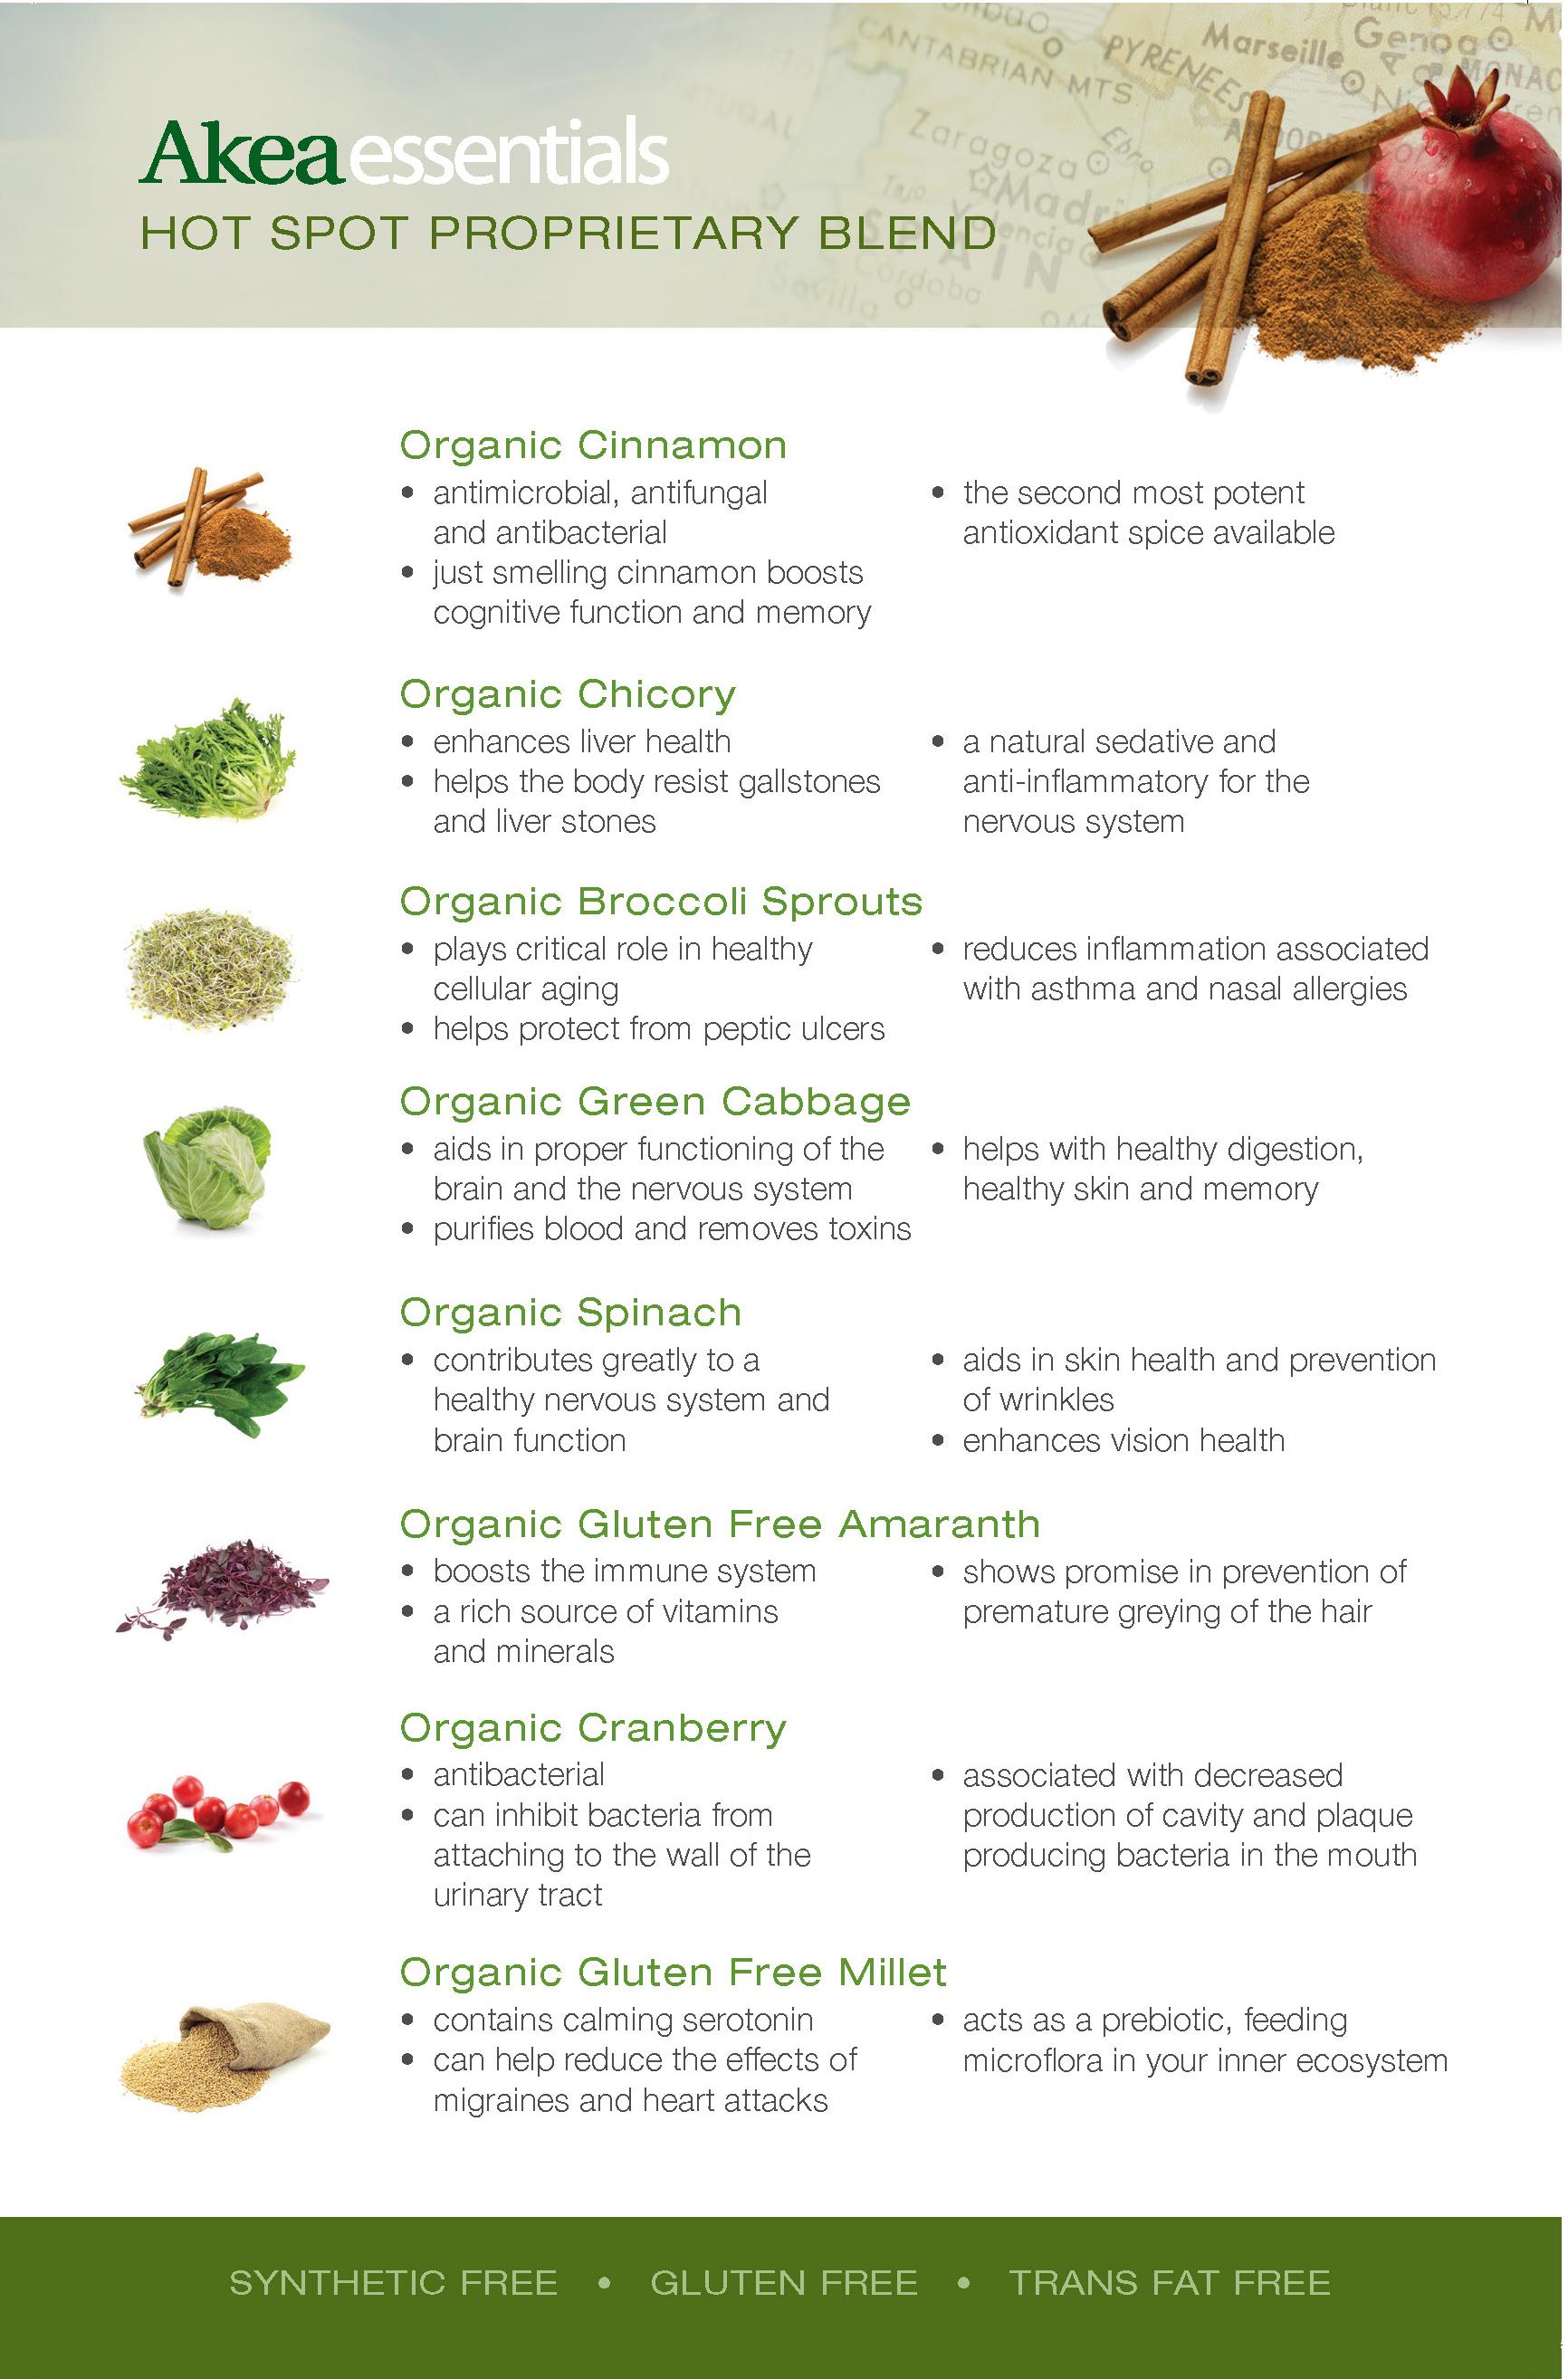 IngredientsBrochure_300px-in_Page_4.jpg